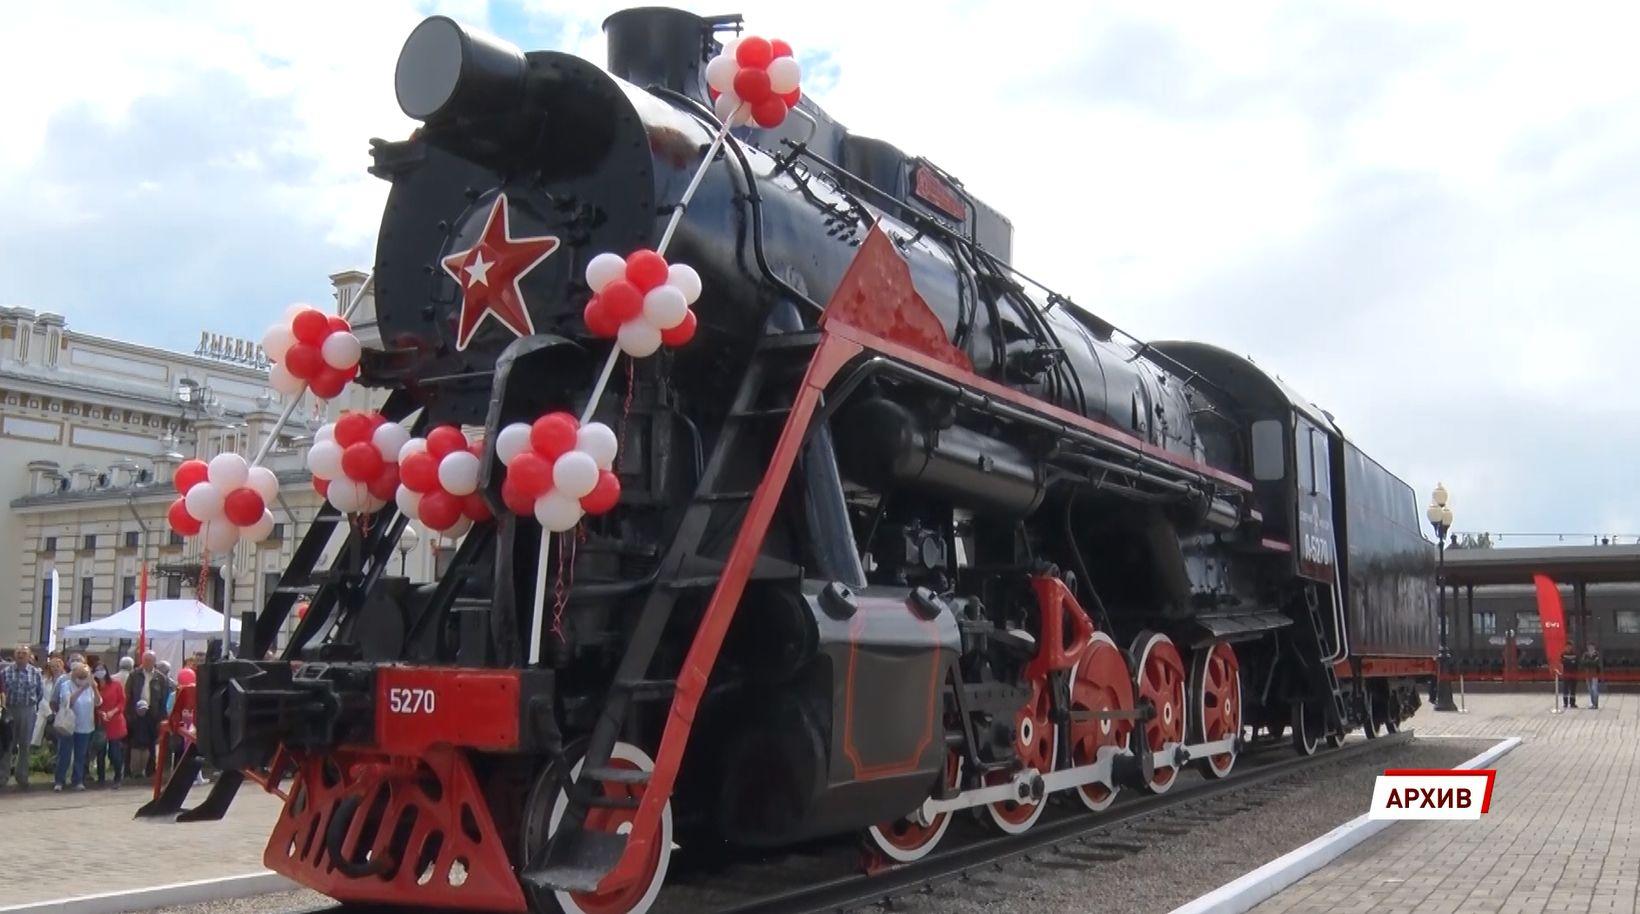 Ярославль и Рыбинск вошли в железнодорожный тур «Серебряный маршрут»